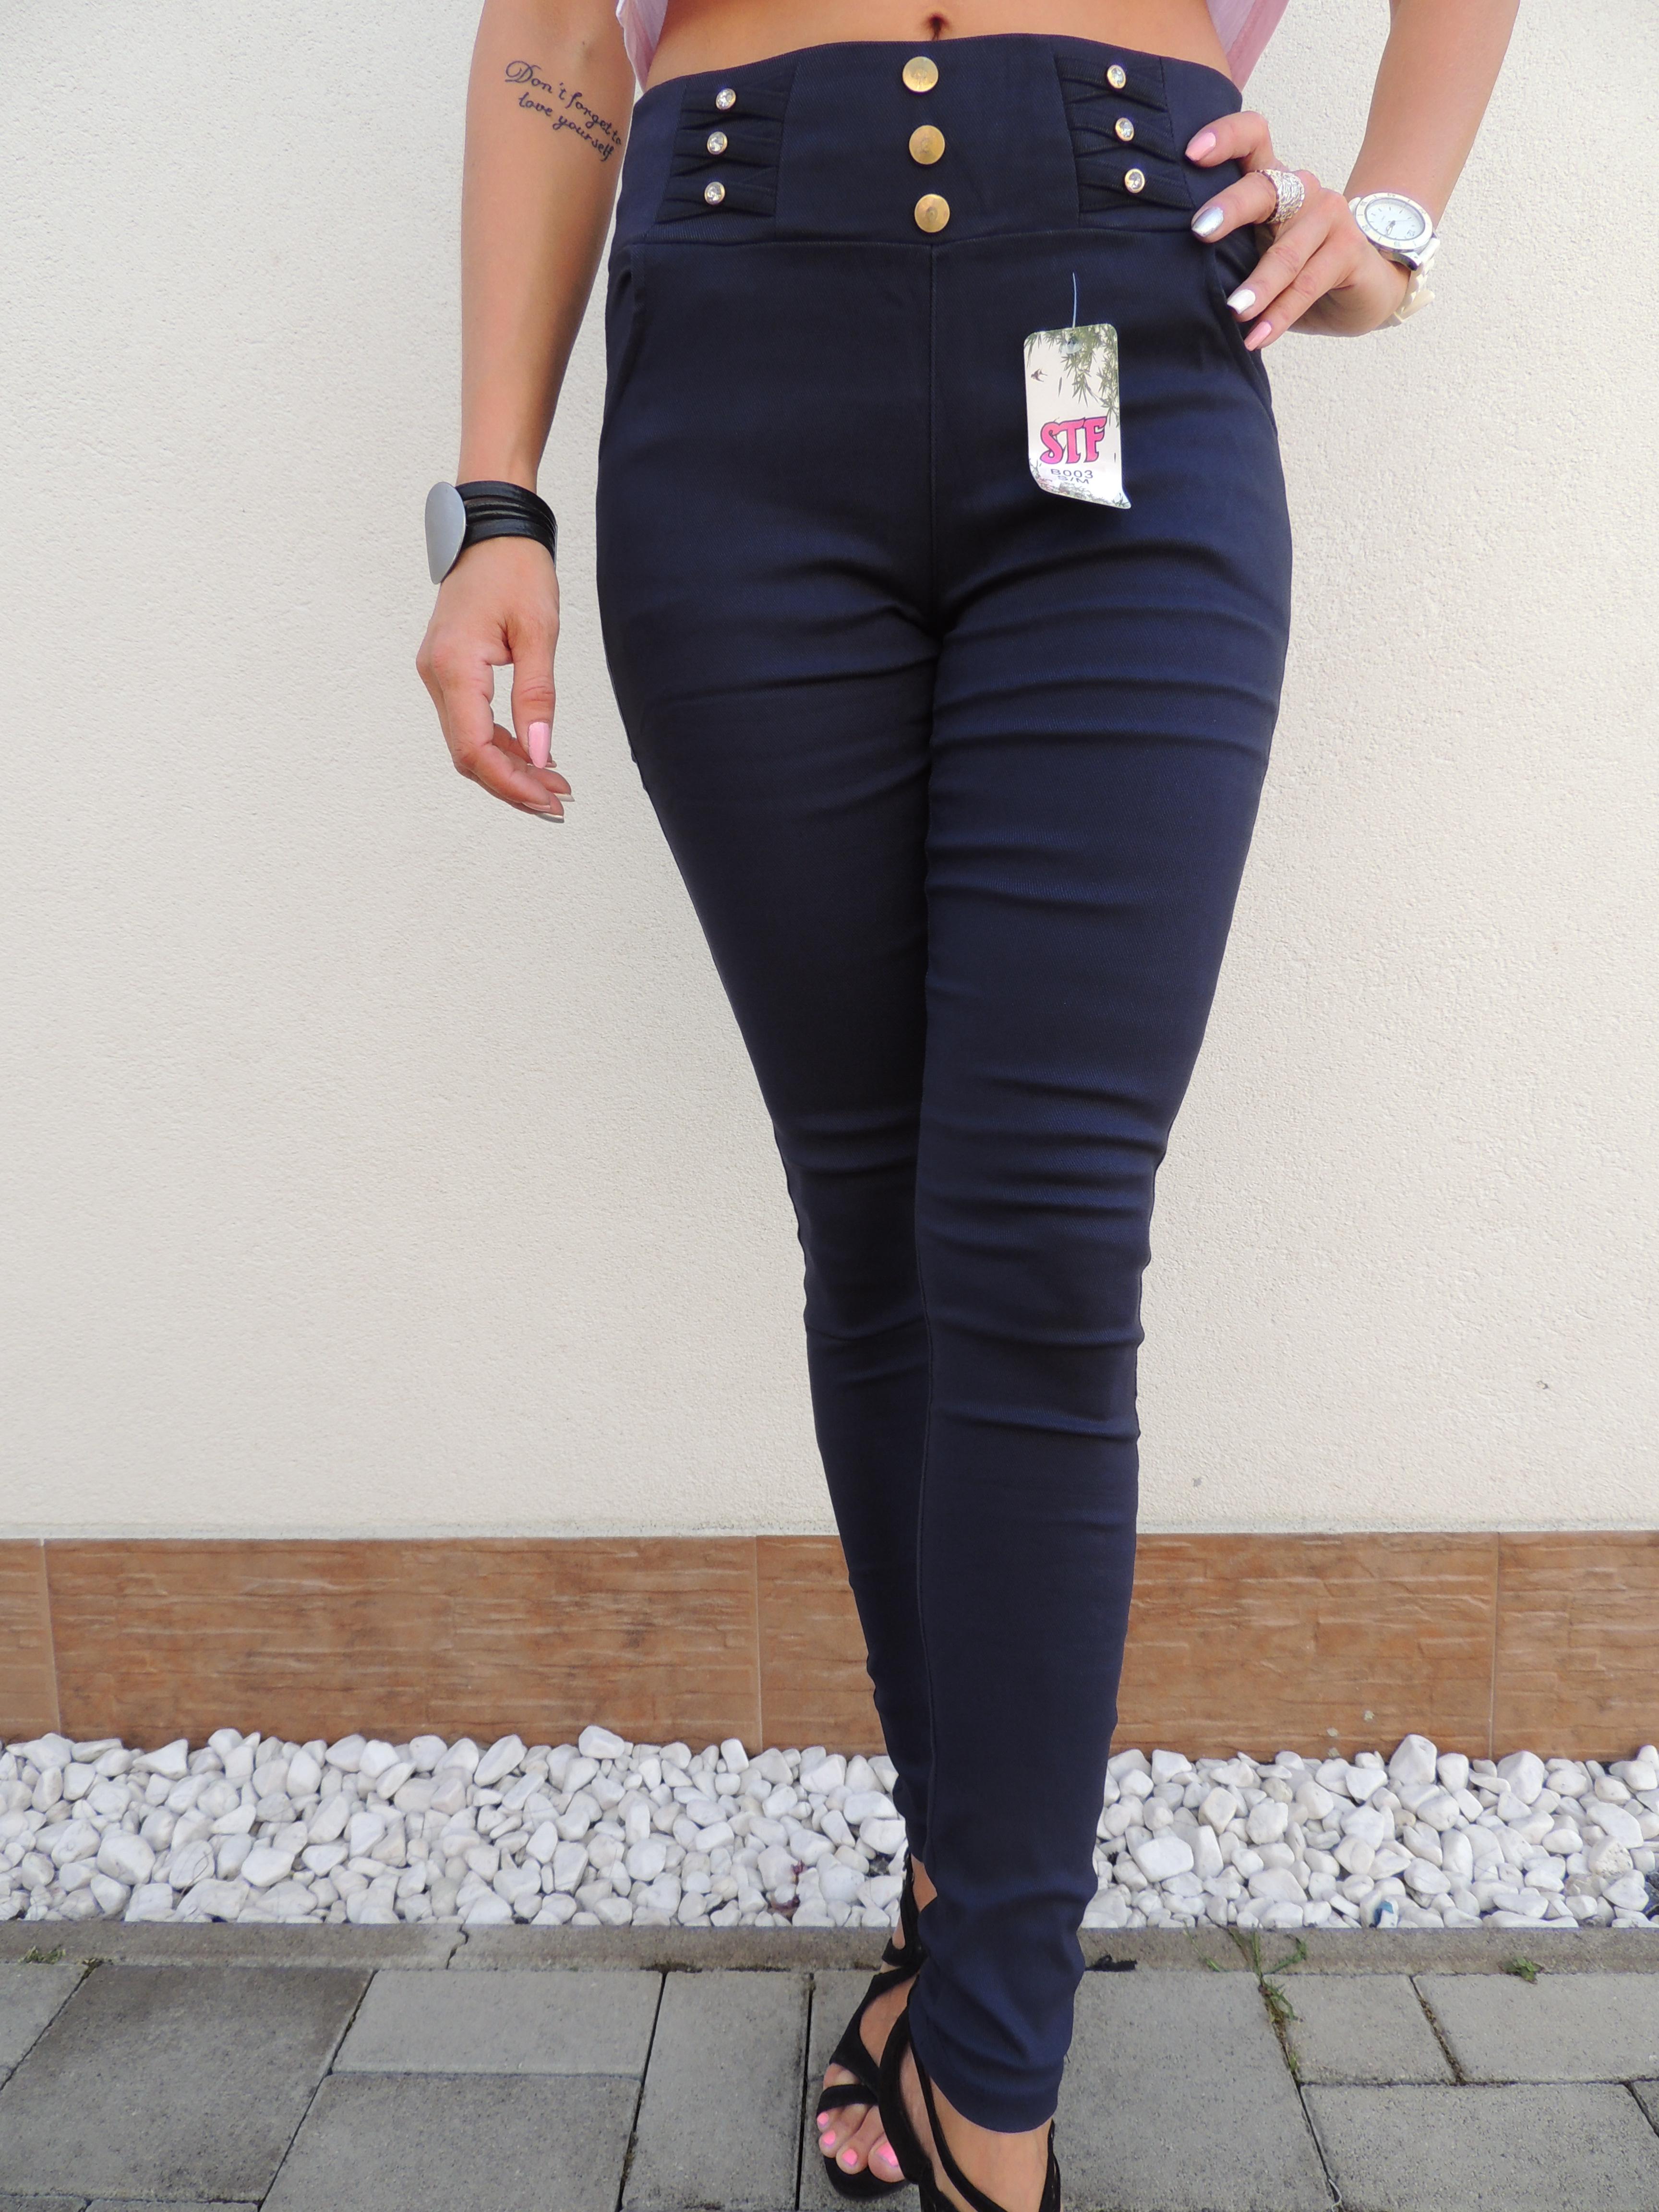 f95a54b78d4b Kompletné specifikácie. Dámske elegantné nohavice so zlatými gombíkmi.